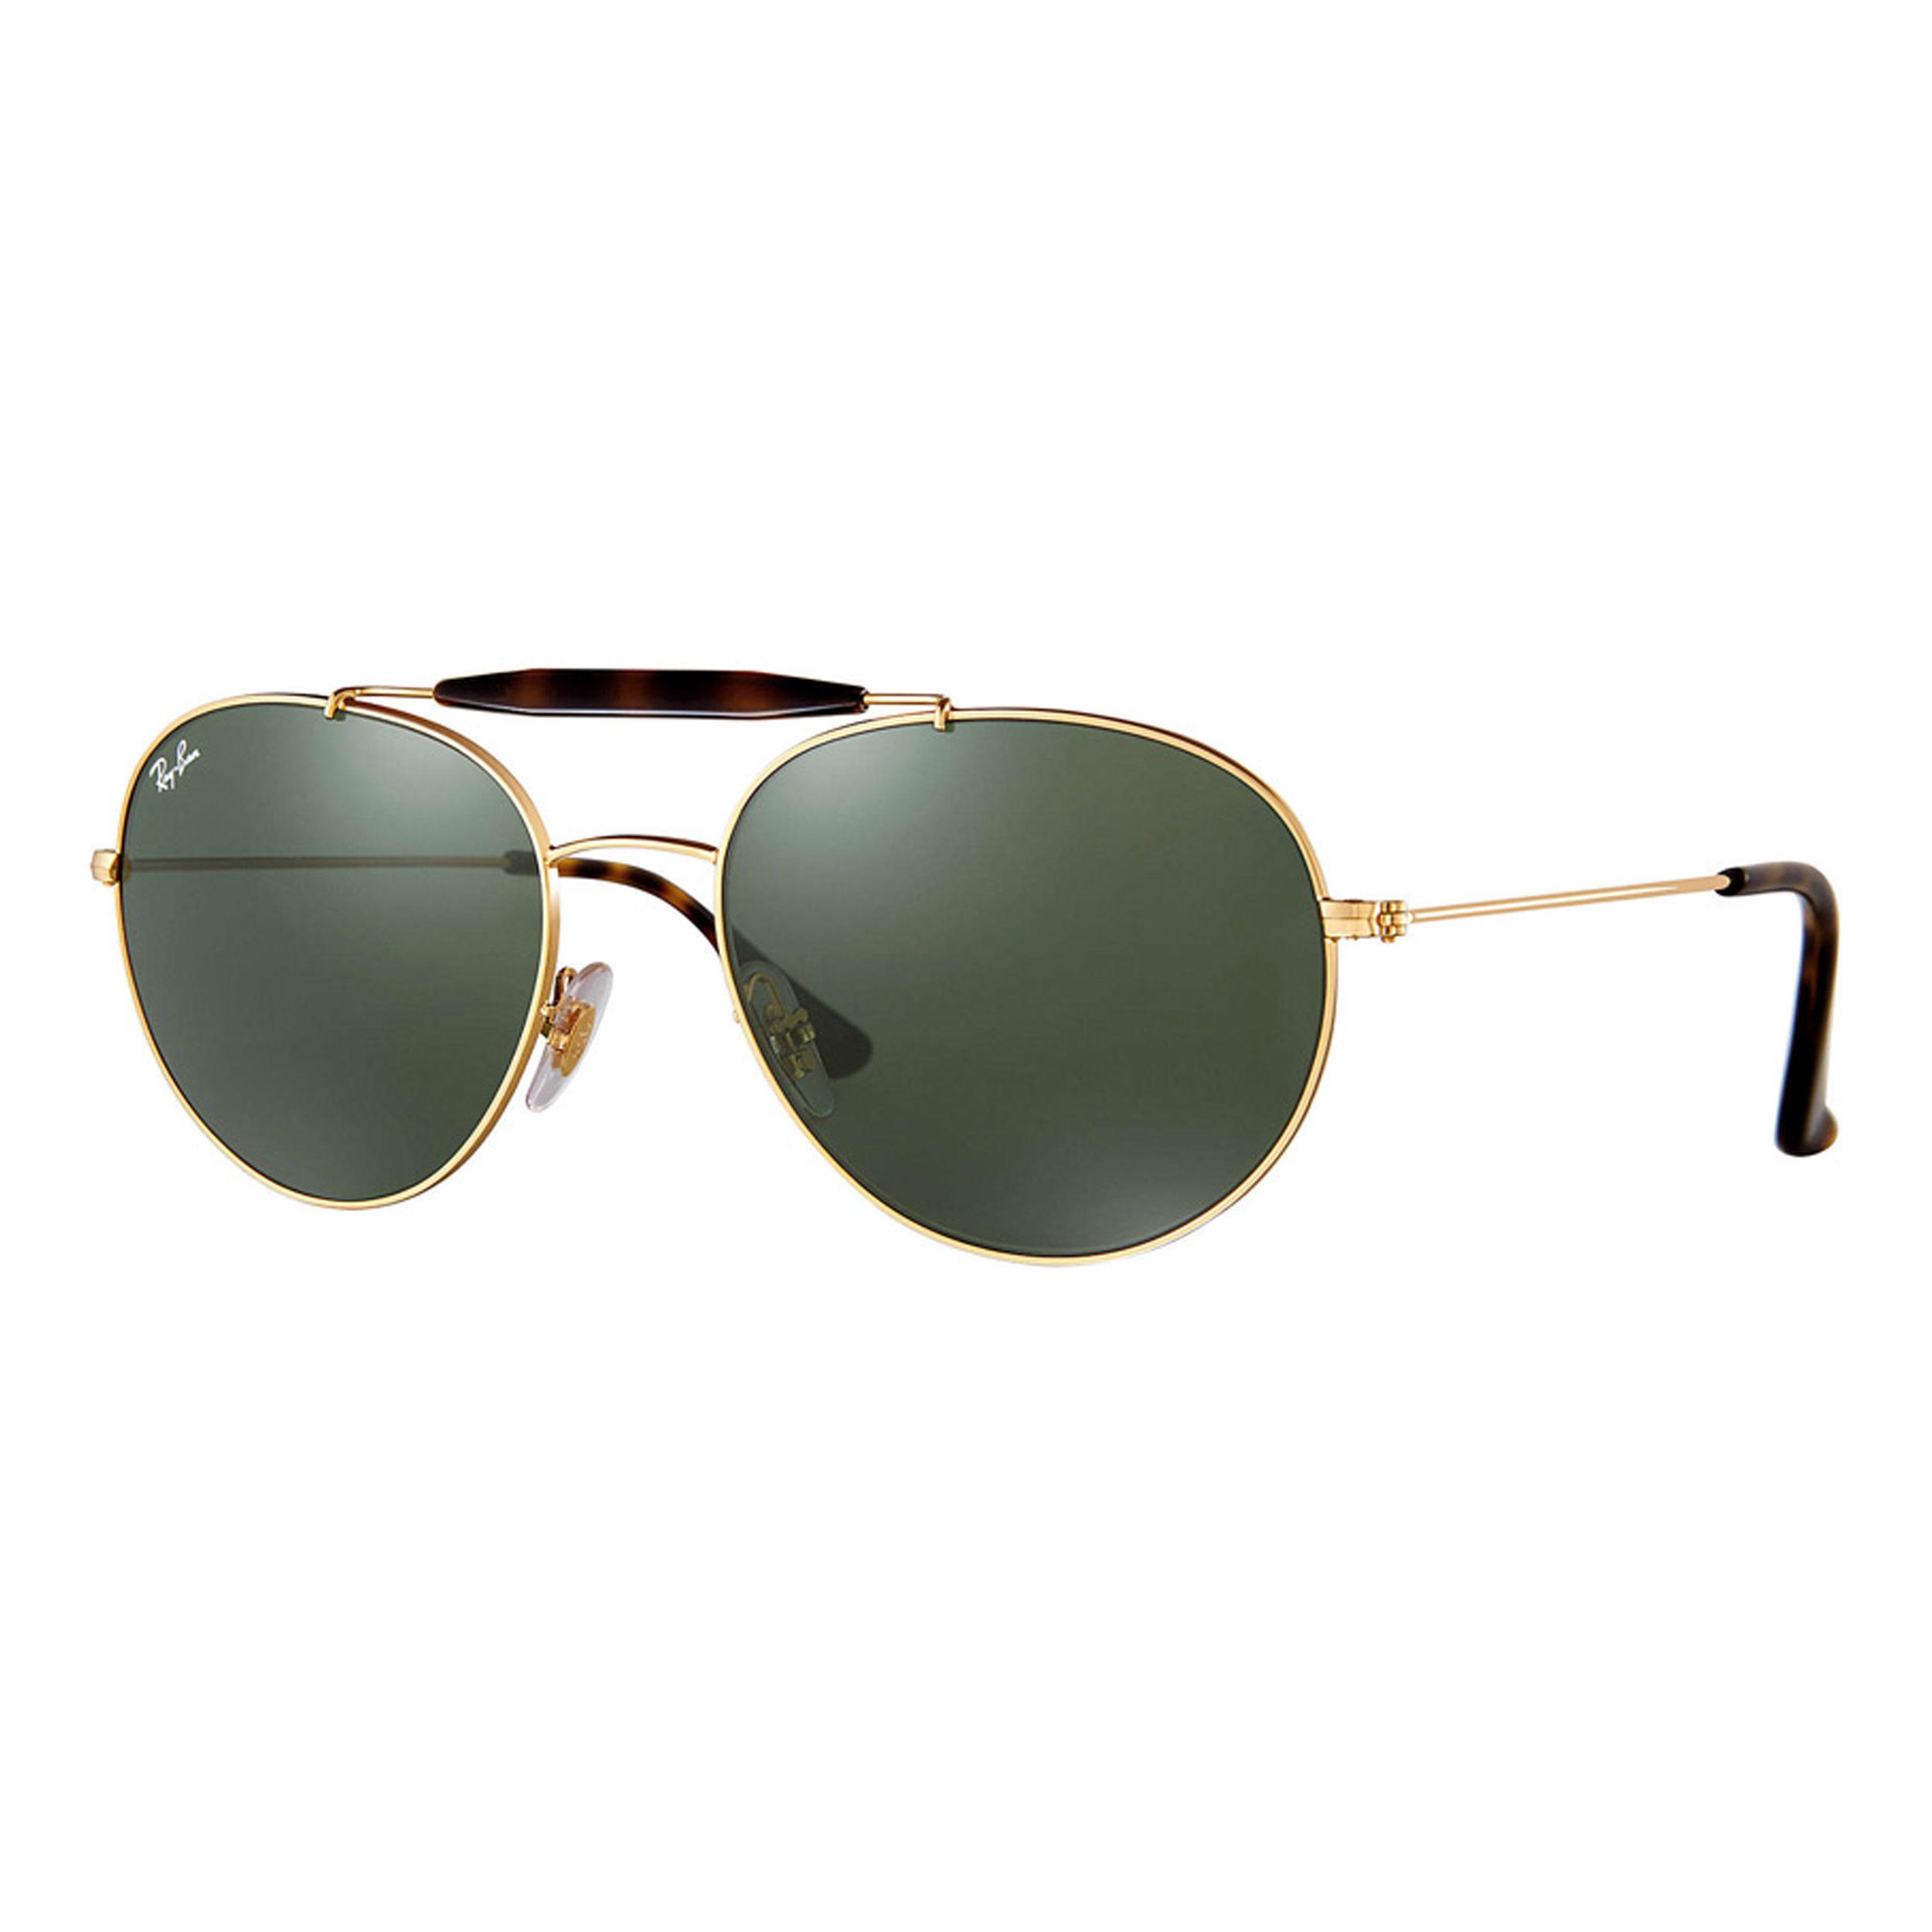 عینک آفتابی ری بن مدل 3540S 000001 56